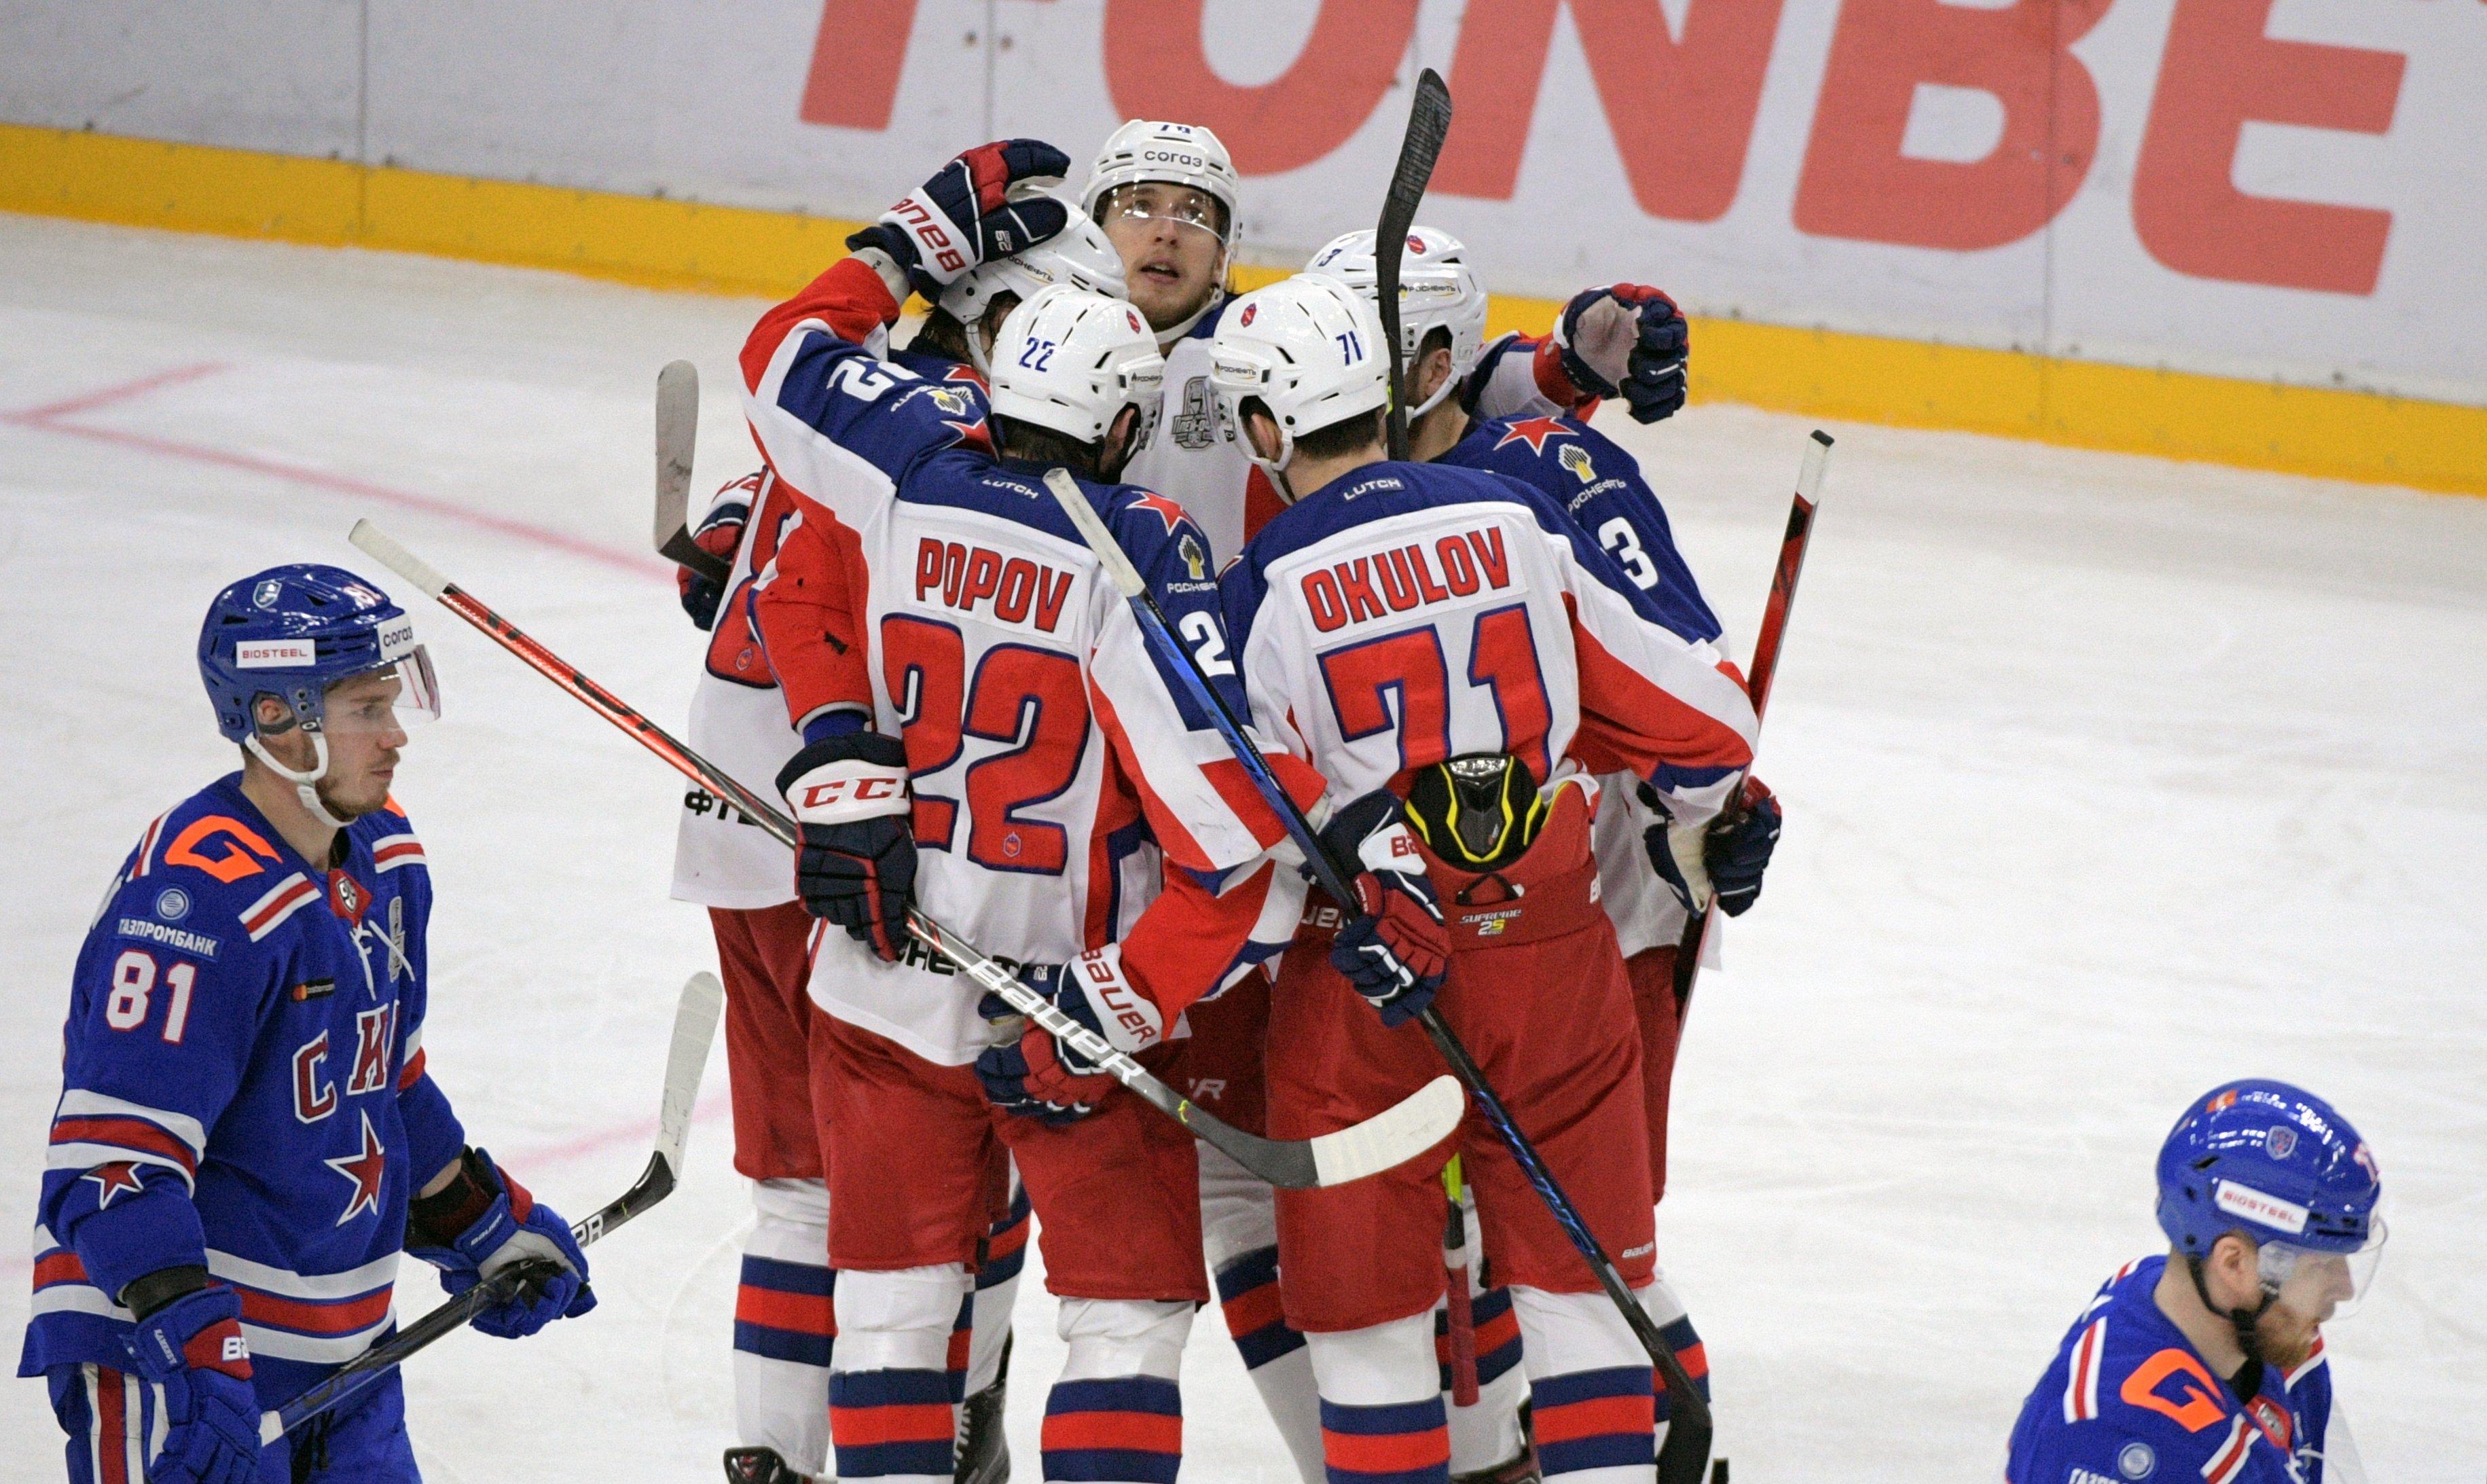 ЦСКА обыграл СКА и повел 3−0 в полуфинальной серии плей-офф КХЛ